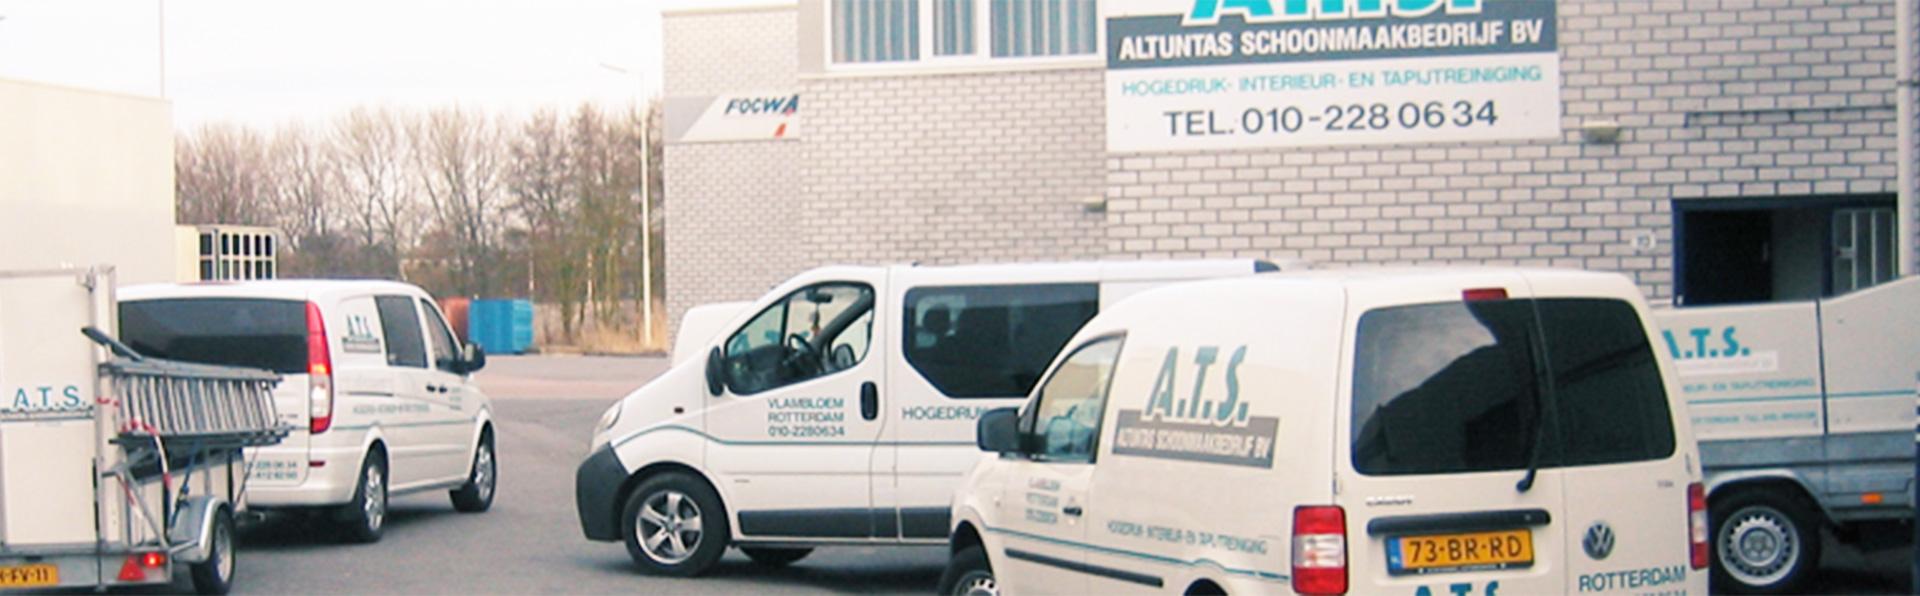 Schoonmaakbedrijf-Breda-ATS-header